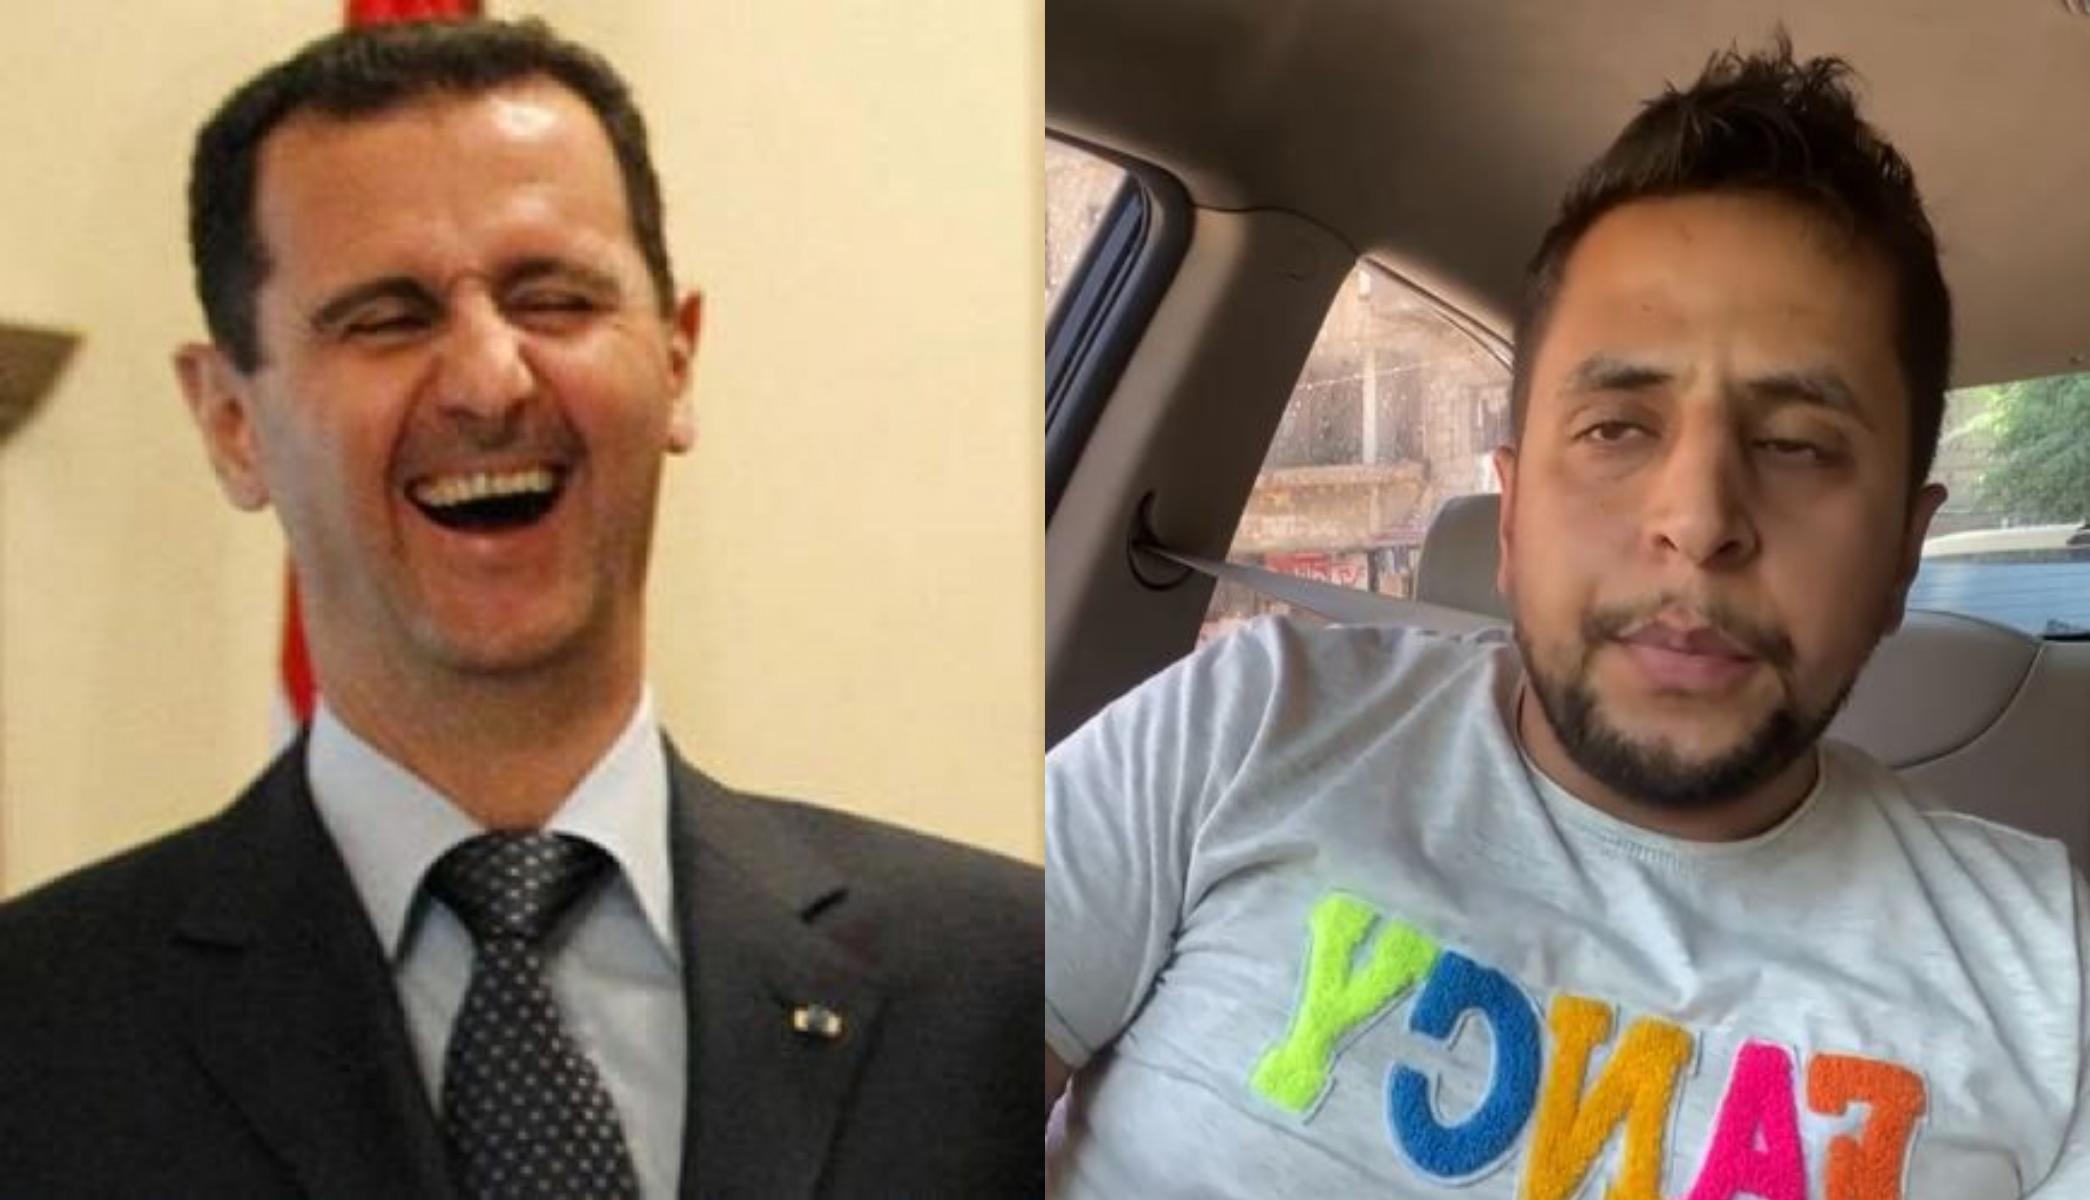 """إعلامي موالي ينتقد نظام الأسد: """"ضعونا في السفن وأرسلونا لبلاد اللجوء"""" (فيديو)"""